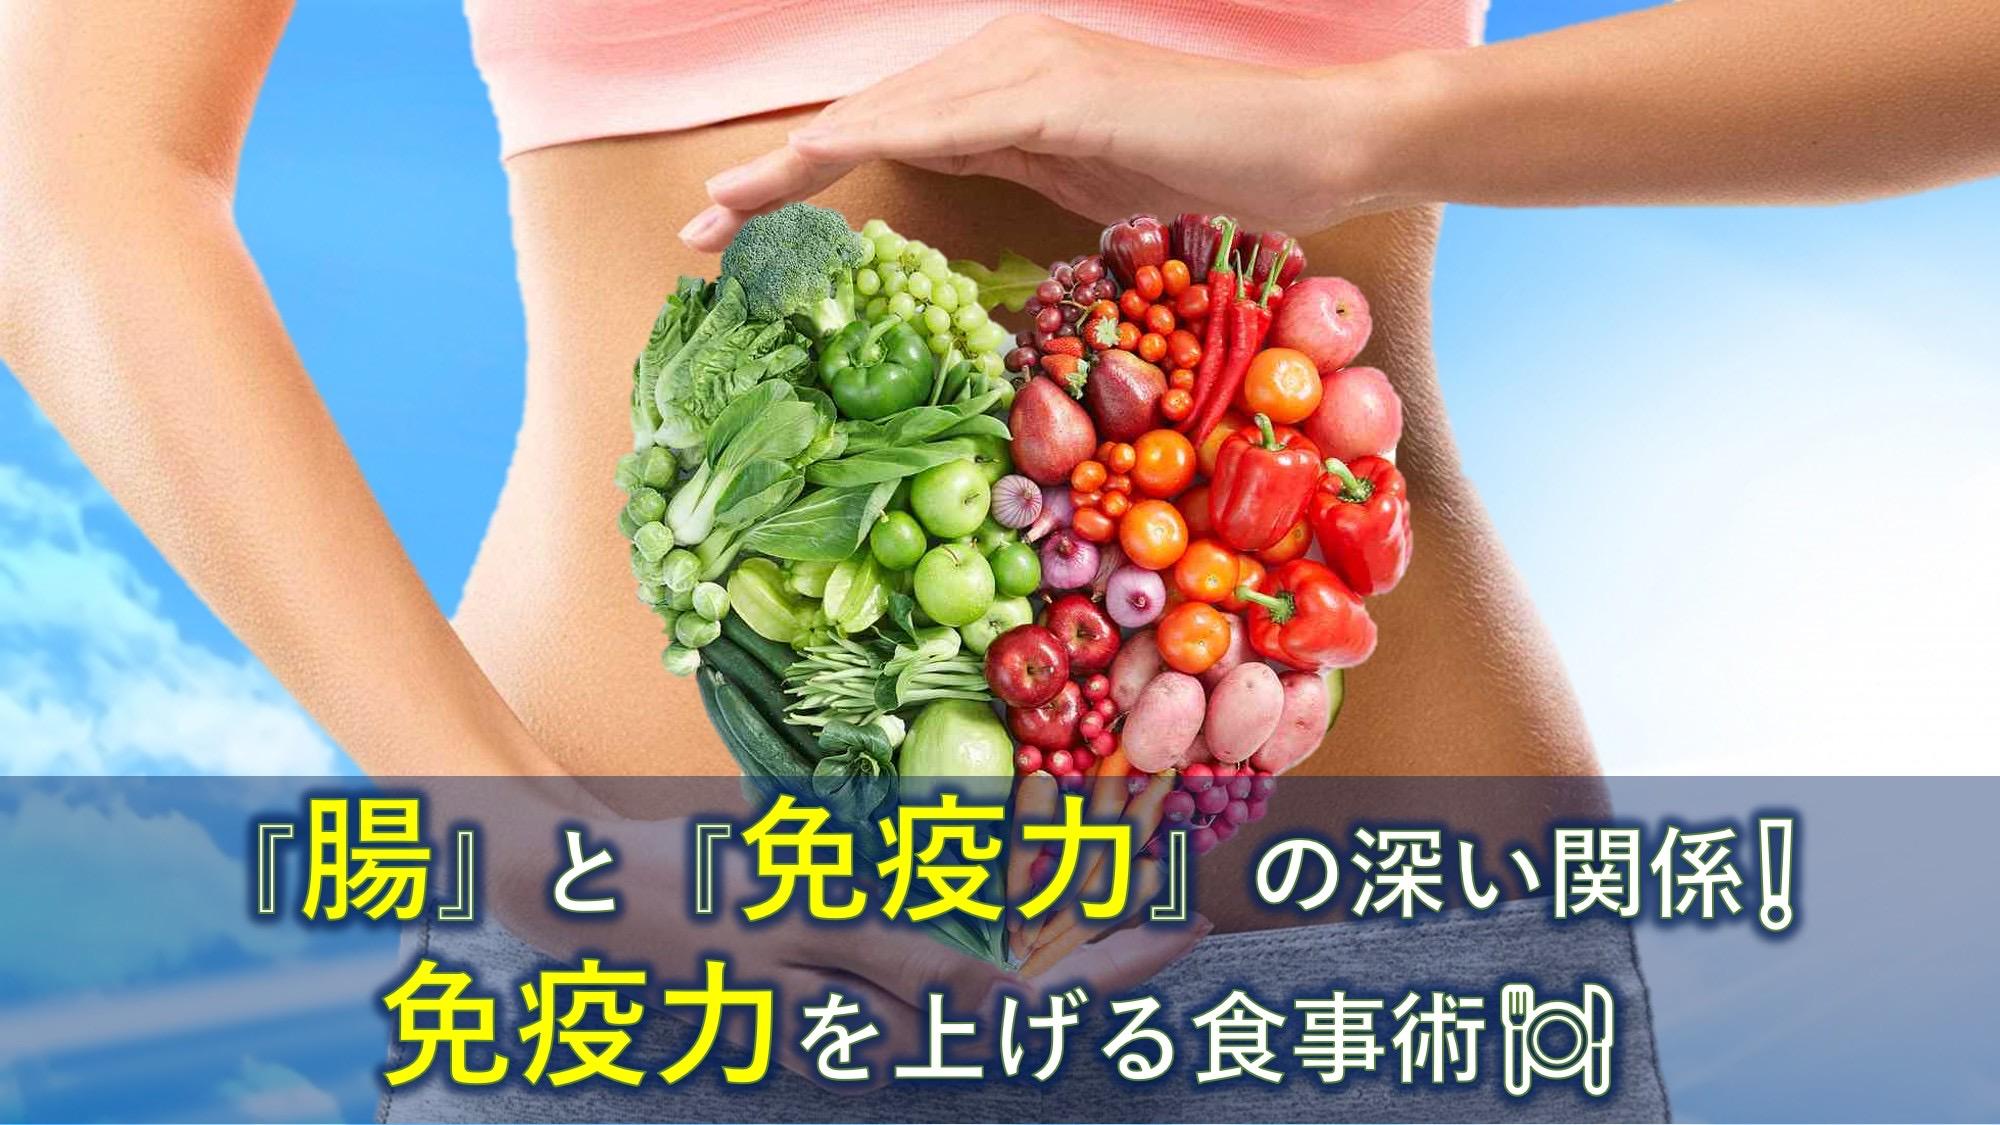 上げる を 免疫 果物 力